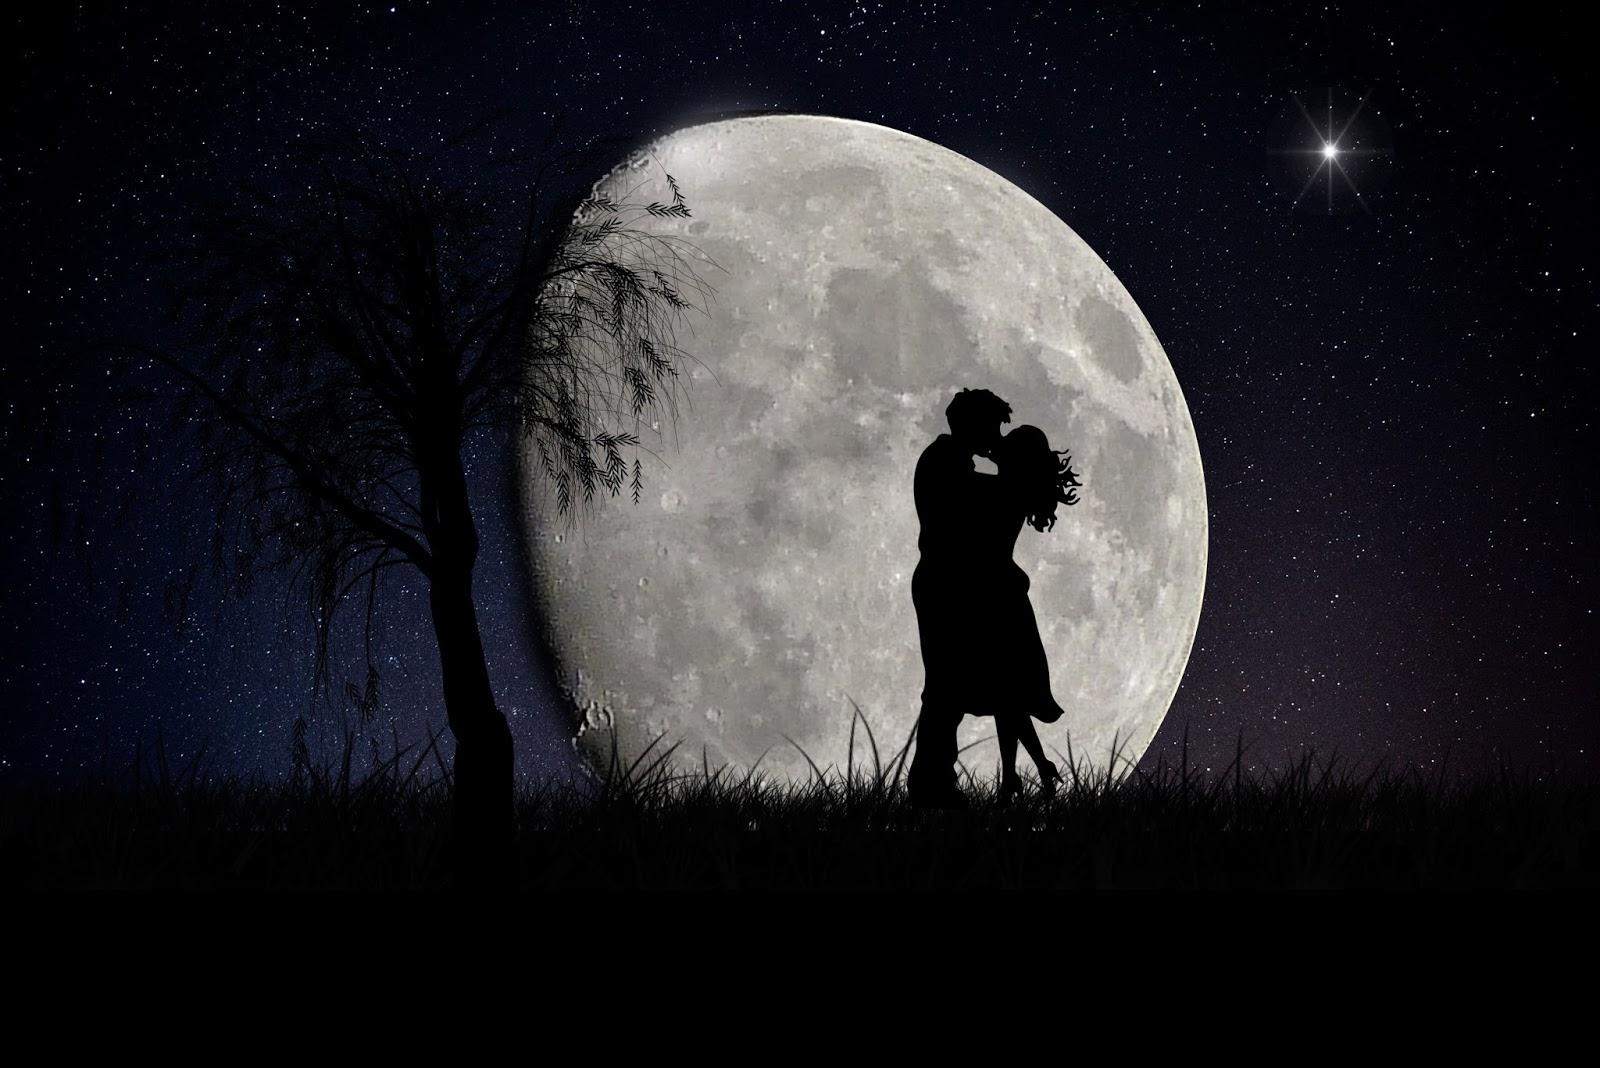 ಪ್ರೇಮಿಗಳ 26 ಪಿಸುಮಾತುಗಳು - 26 Love Chats in Kannada